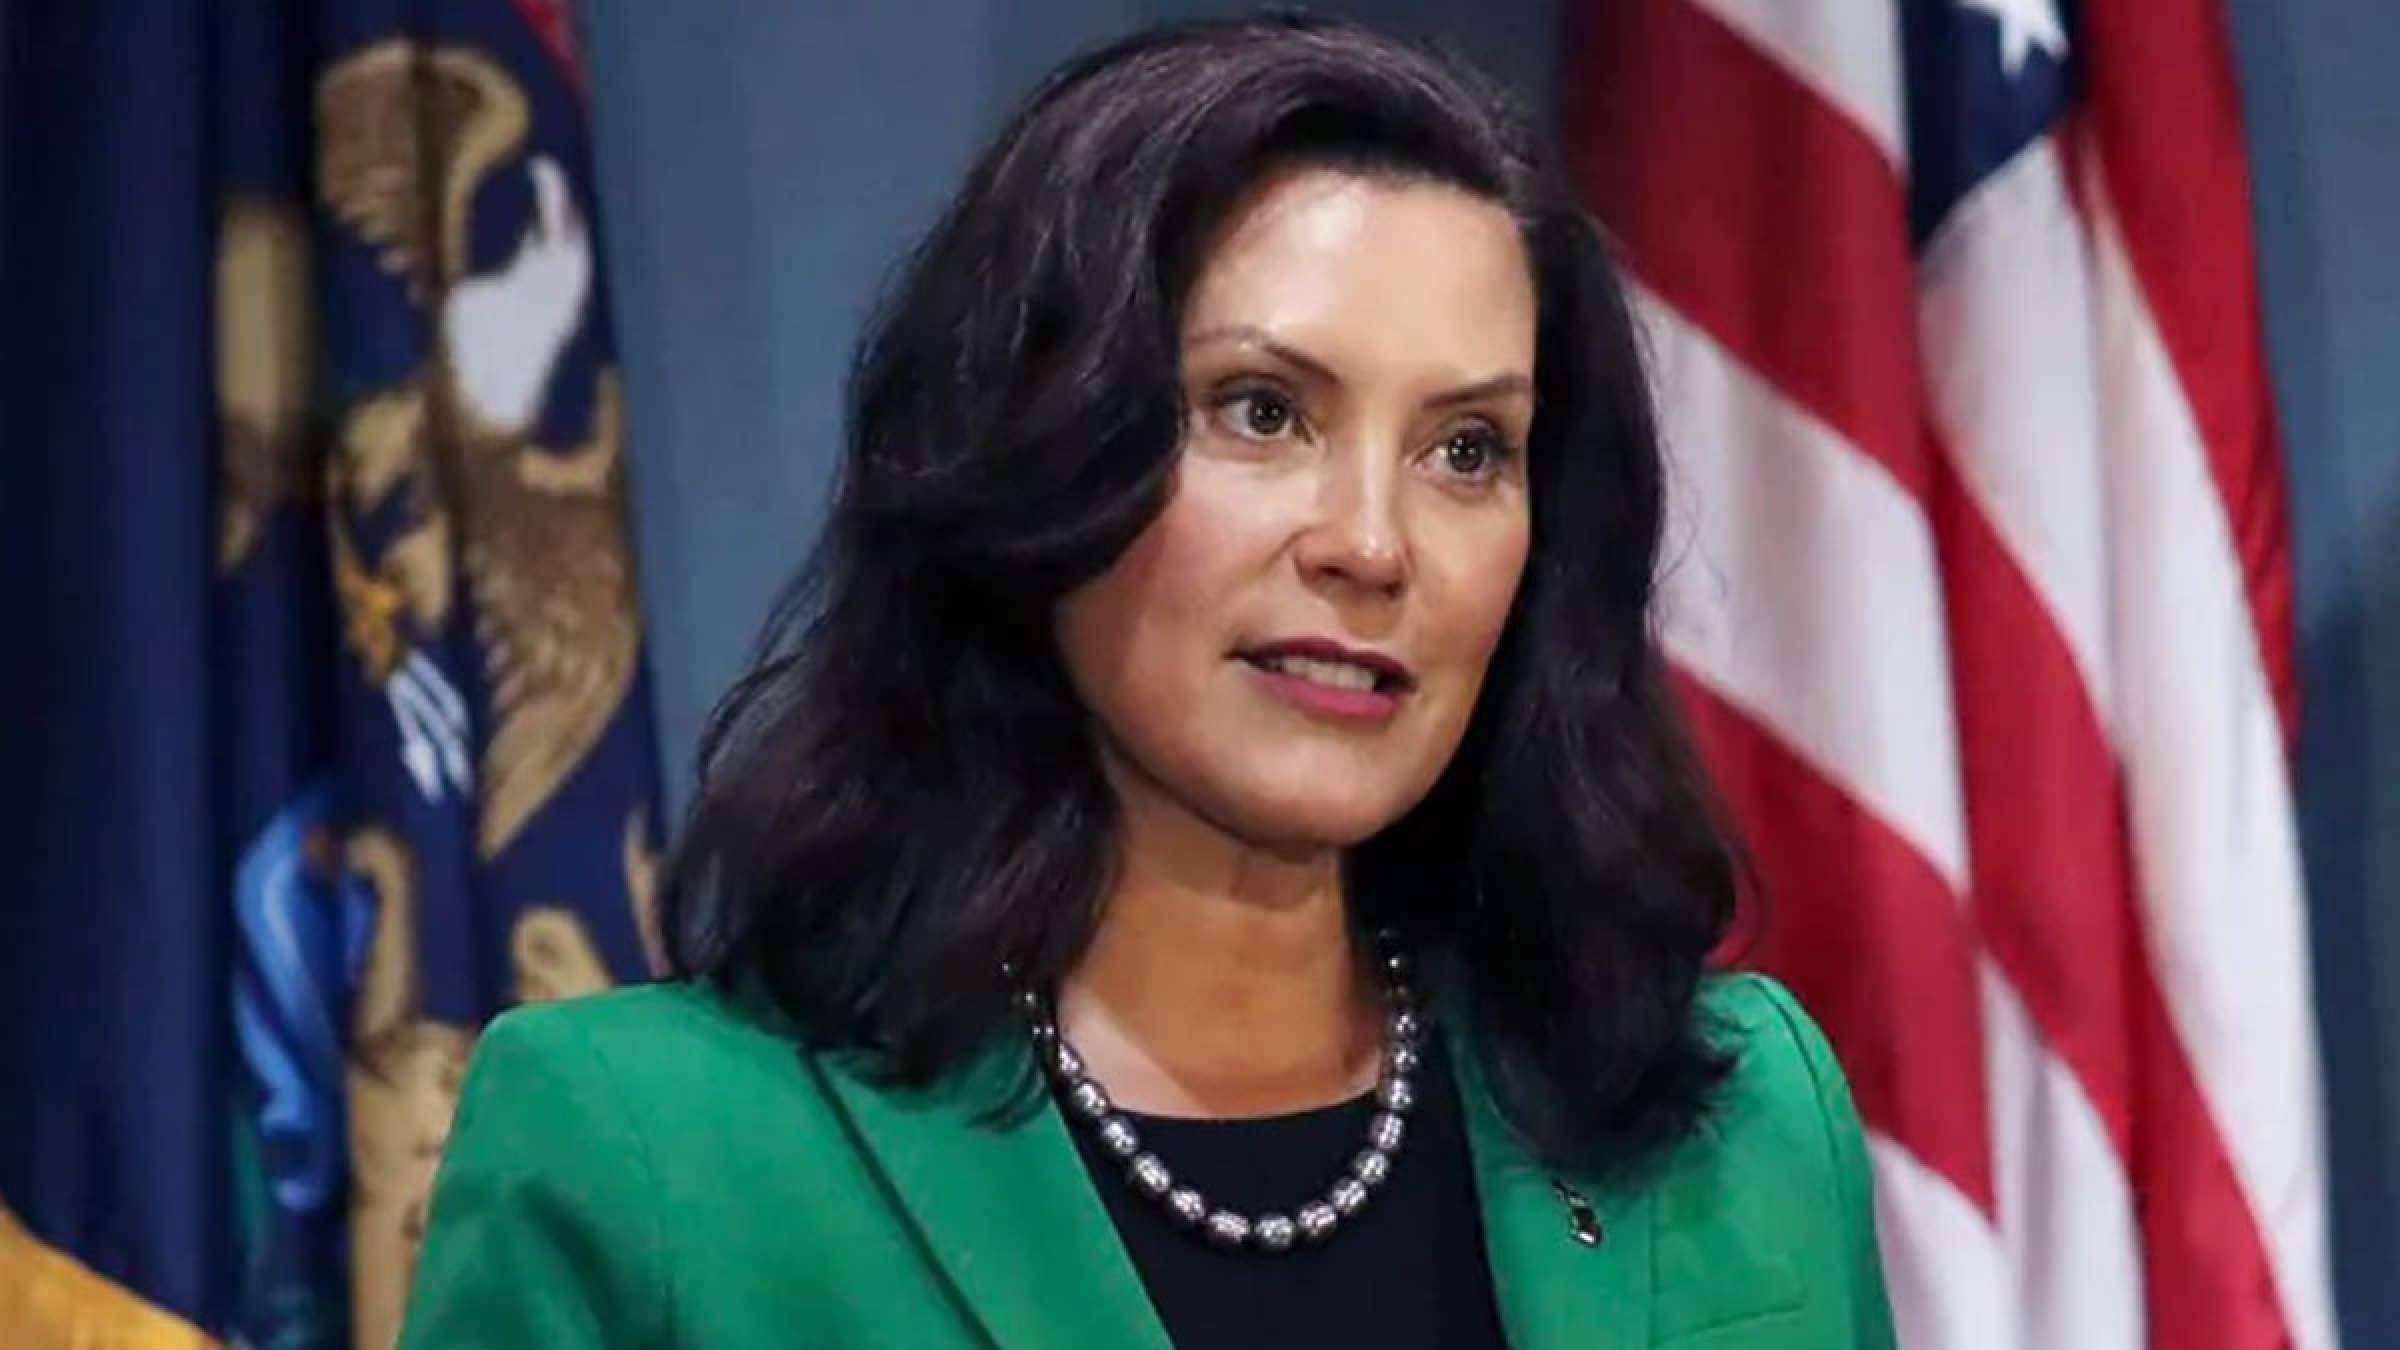 اخبار-آمریکا-دستگیری-۱۳-آمریکایی-به-اتهام-ربودن-و-قتل-فرماندار-میشیگان